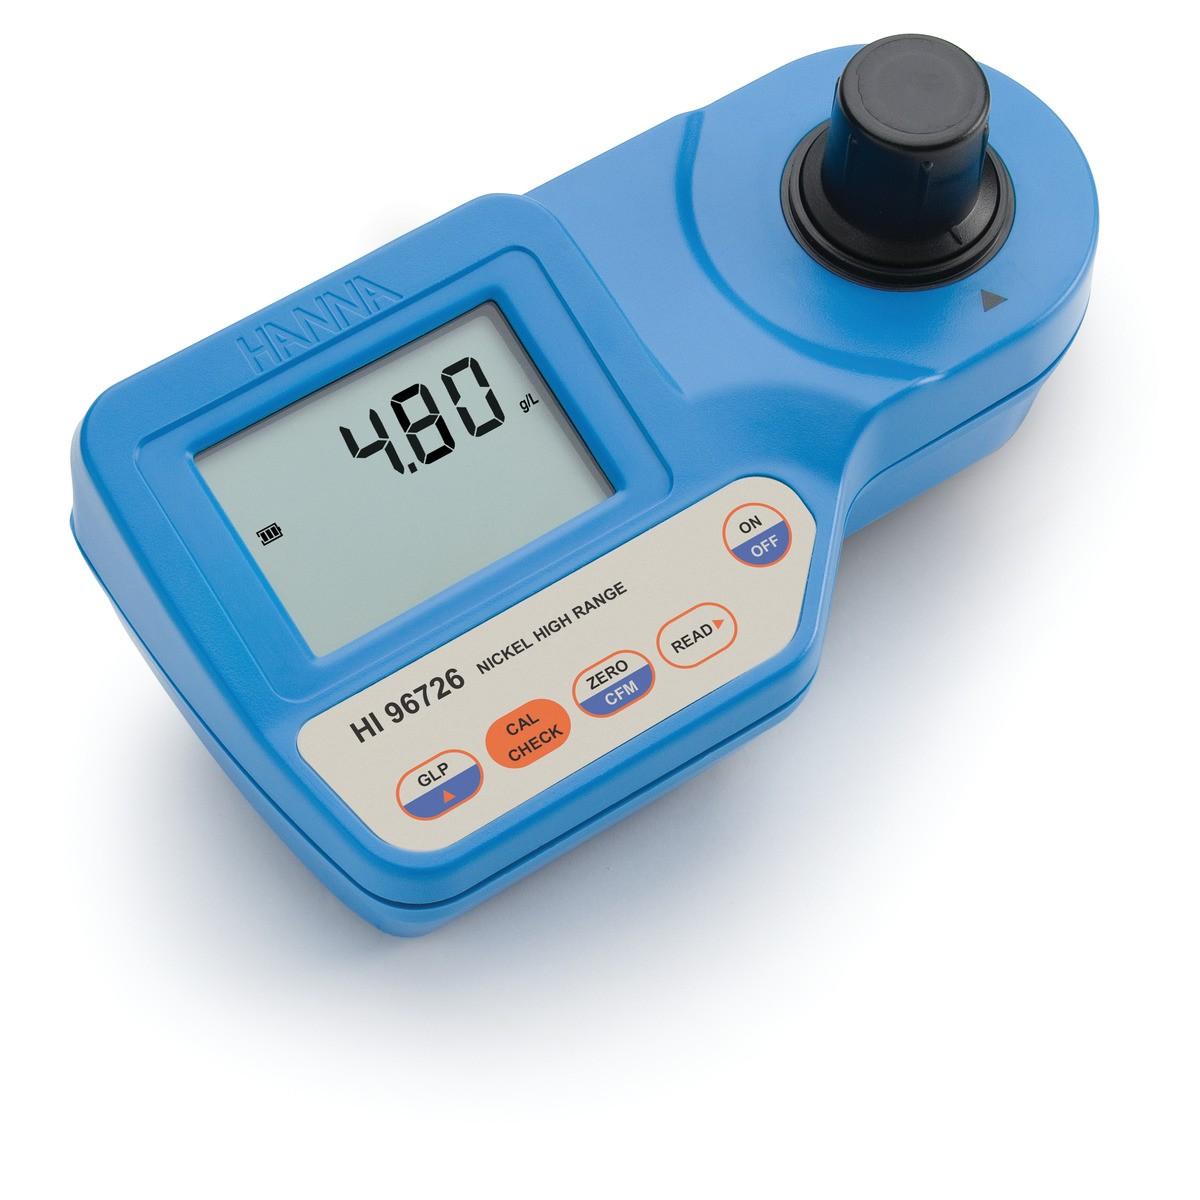 HI96726 - Nikel Yüksek Aralıklı Taşınabilir Fotometre